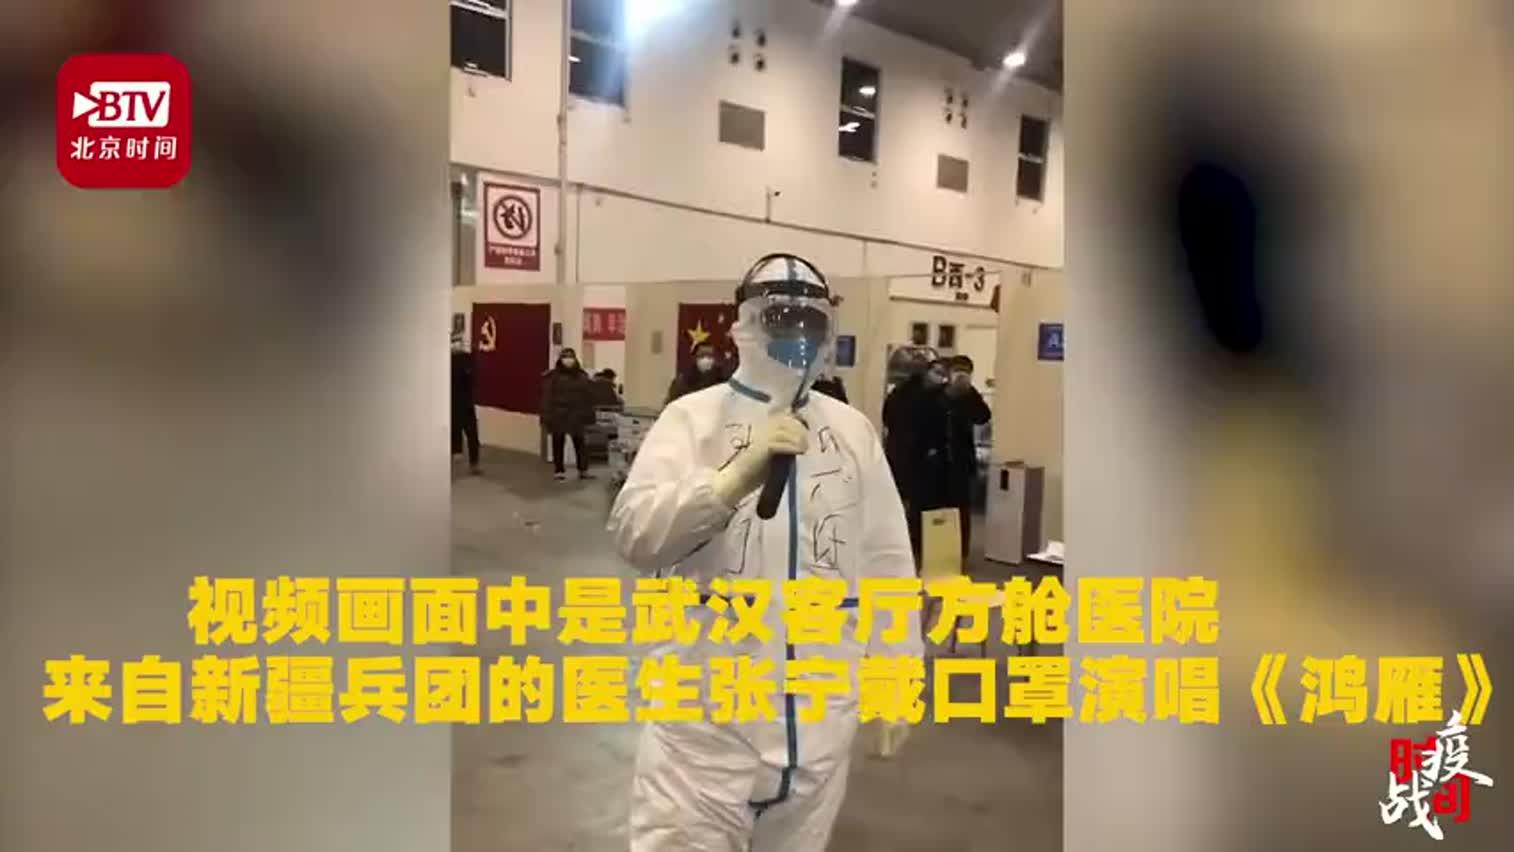 视频-医生戴口罩唱《鸿雁》 听后彻底被医护们的才